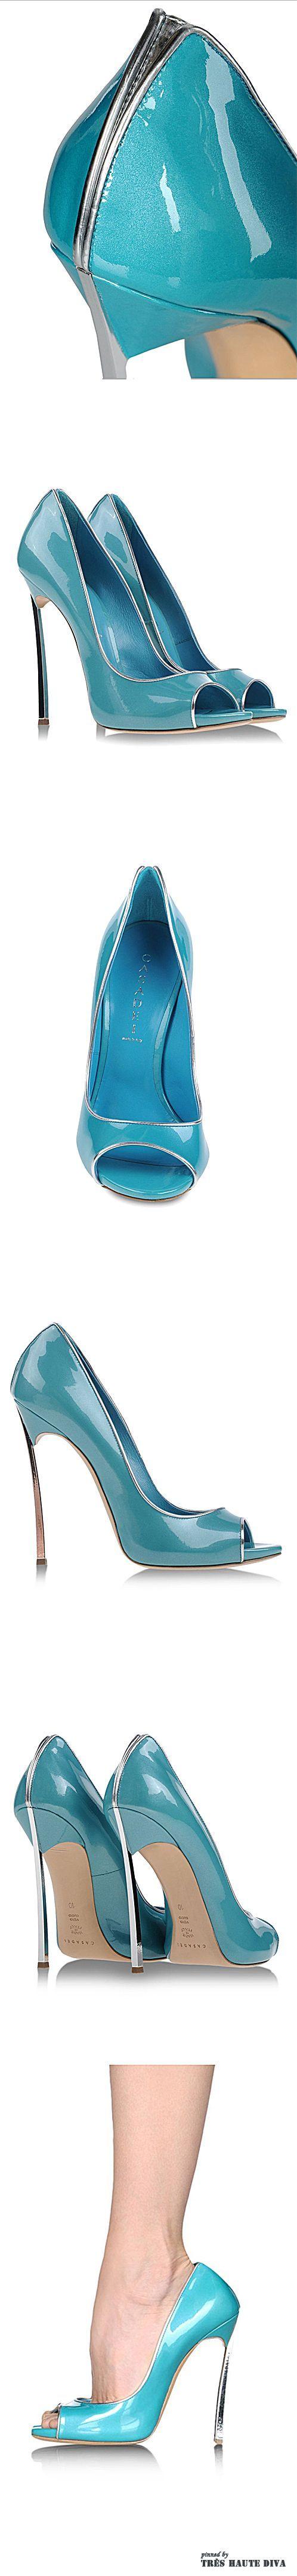 High heels in Aquamarin (Farbpassnummer 34) Accessoires wählt der helle Farbtyp passend aus seiner hellen Farbpalette. Sie wirken edel, elegant, luftig und frisch - je nachdem ob man zu Pastelltönen oder Naturfarben greift. Kerstin Tomancok / Image Consultant